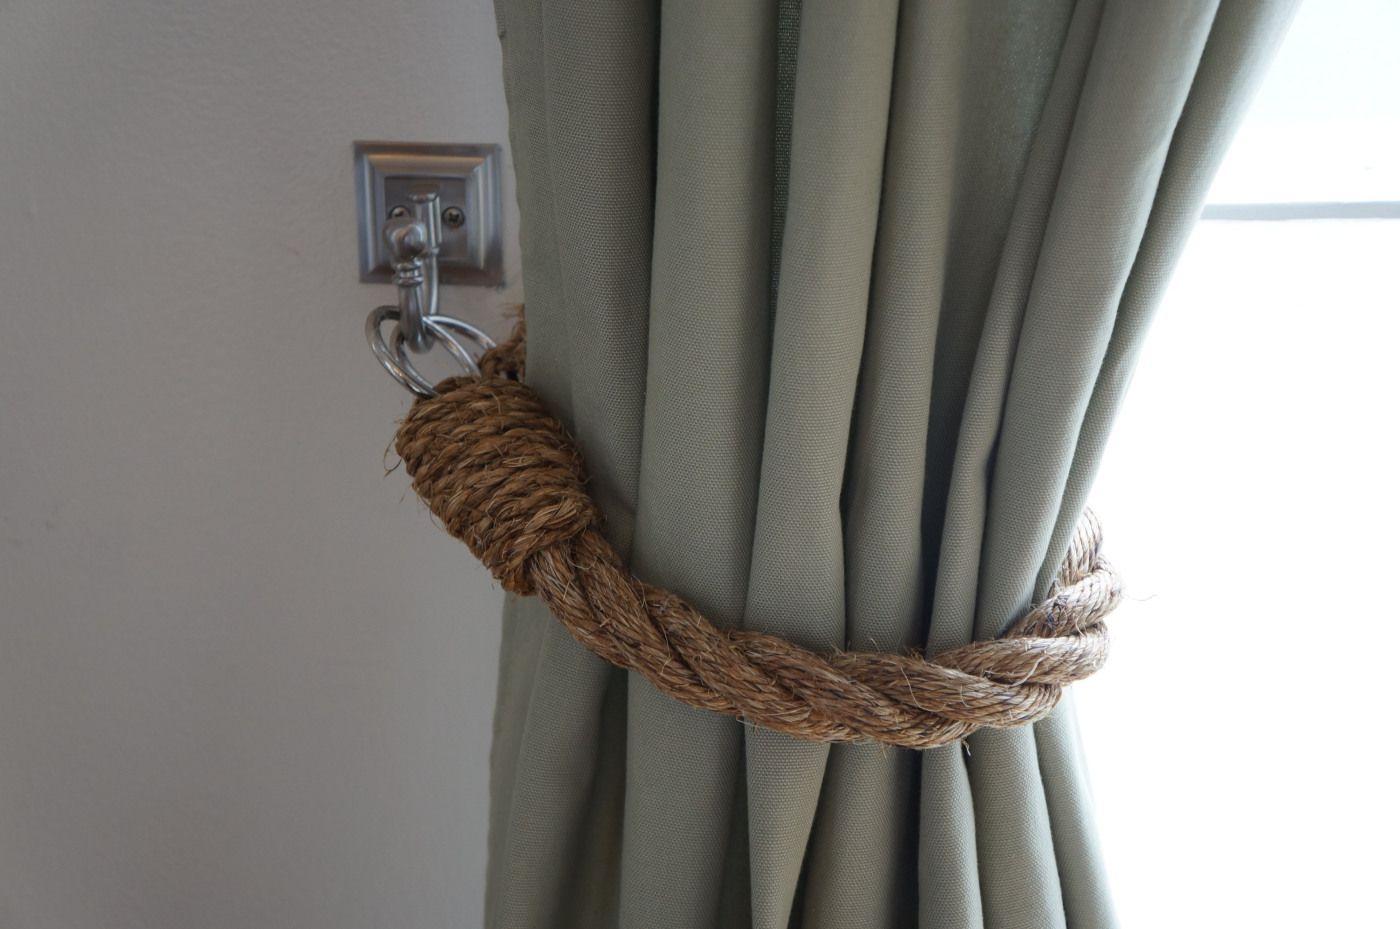 Захваты для штор своими руками: пошаговая инструкция